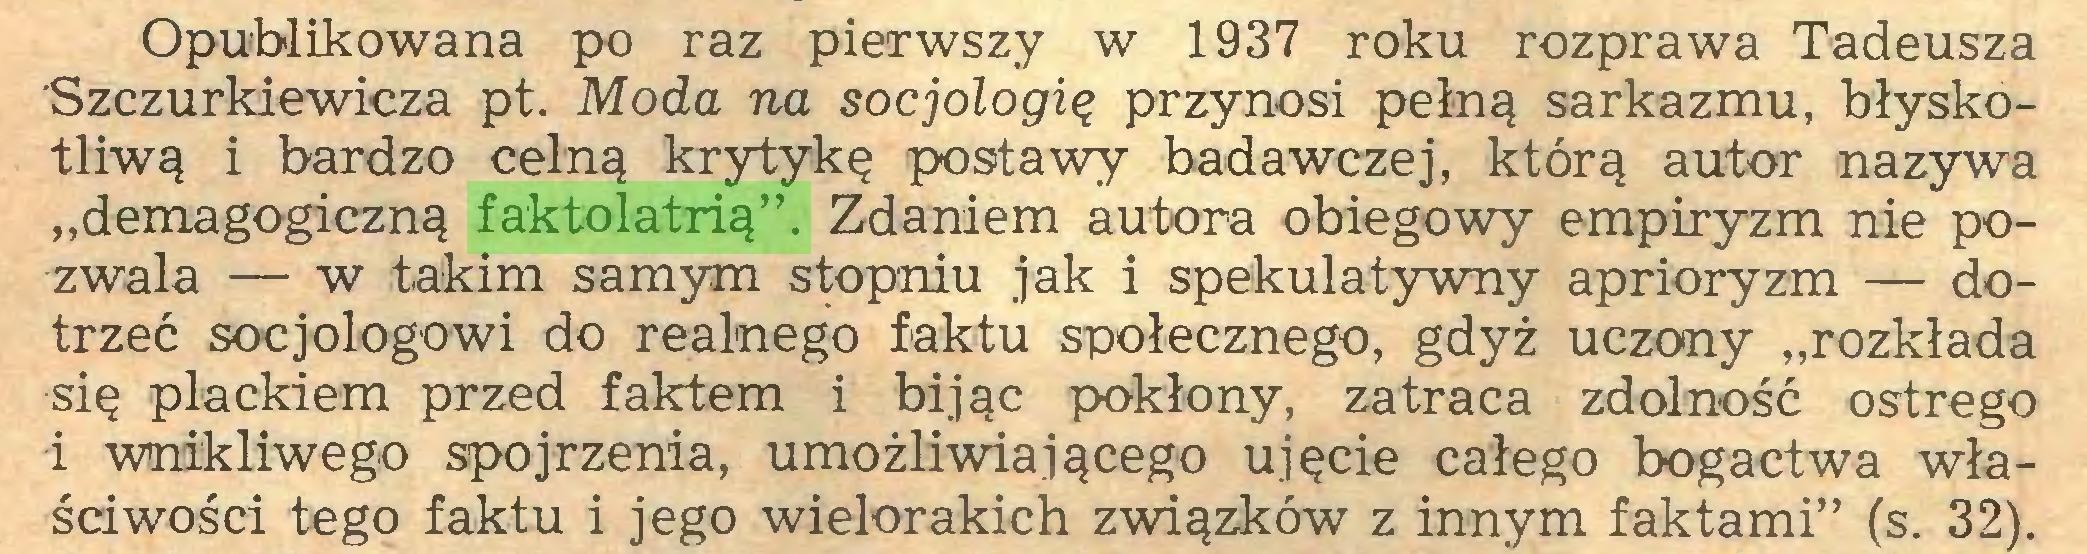 """(...) Opublikowana po raz pierwszy w 1937 roku rozprawa Tadeusza Szczurkiewicza pt. Moda na socjologię przynosi pełną sarkazmu, błyskotliwą i bardzo celną krytykę postawy badawczej, którą autor nazywa """"demagogiczną faktolatrią"""". Zdaniem autora obiegowy empiryzm nie pozwala — w takim samym stopniu jak i spekulatywny aprioryzm — dotrzeć socjologowi do realnego faktu społecznego, gdyż uczony """"rozkłada się plackiem przed faktem i bijąc pokłony, zatraca zdolność ostrego i wnikliwego spojrzenia, umożliwiającego ujęcie całego bogactwa właściwości tego faktu i jego wielorakich związków z innym faktami"""" (s. 32)..."""